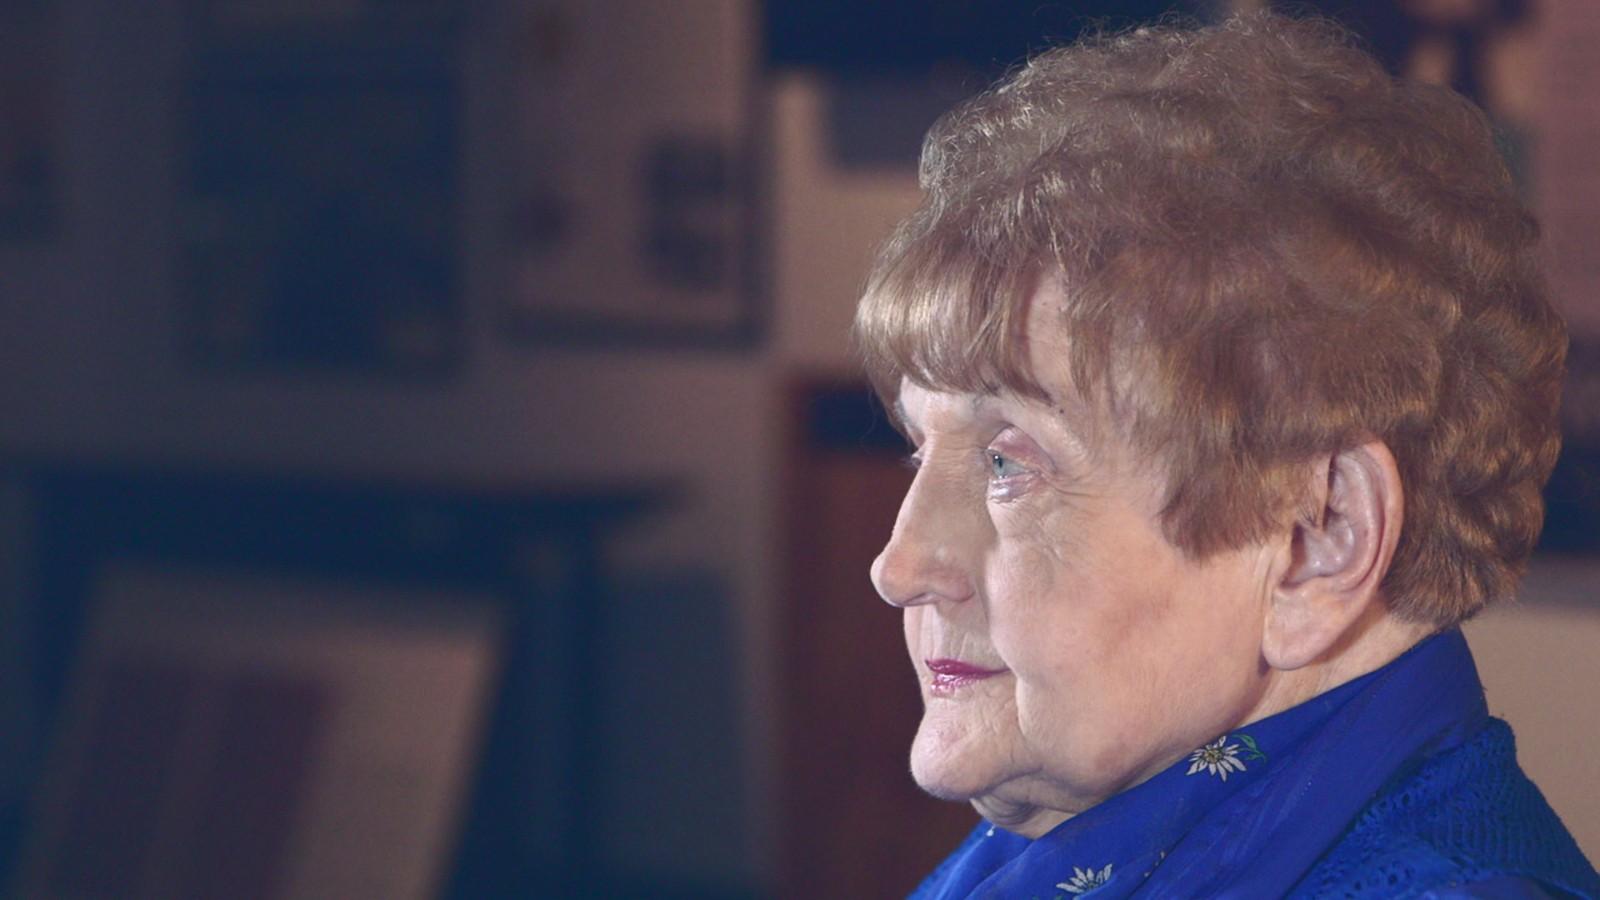 Eva Kor necesitó cuatro años para redactar la carta en la que perdonaba a los nazis que le hicieron daño en Auschwitz.